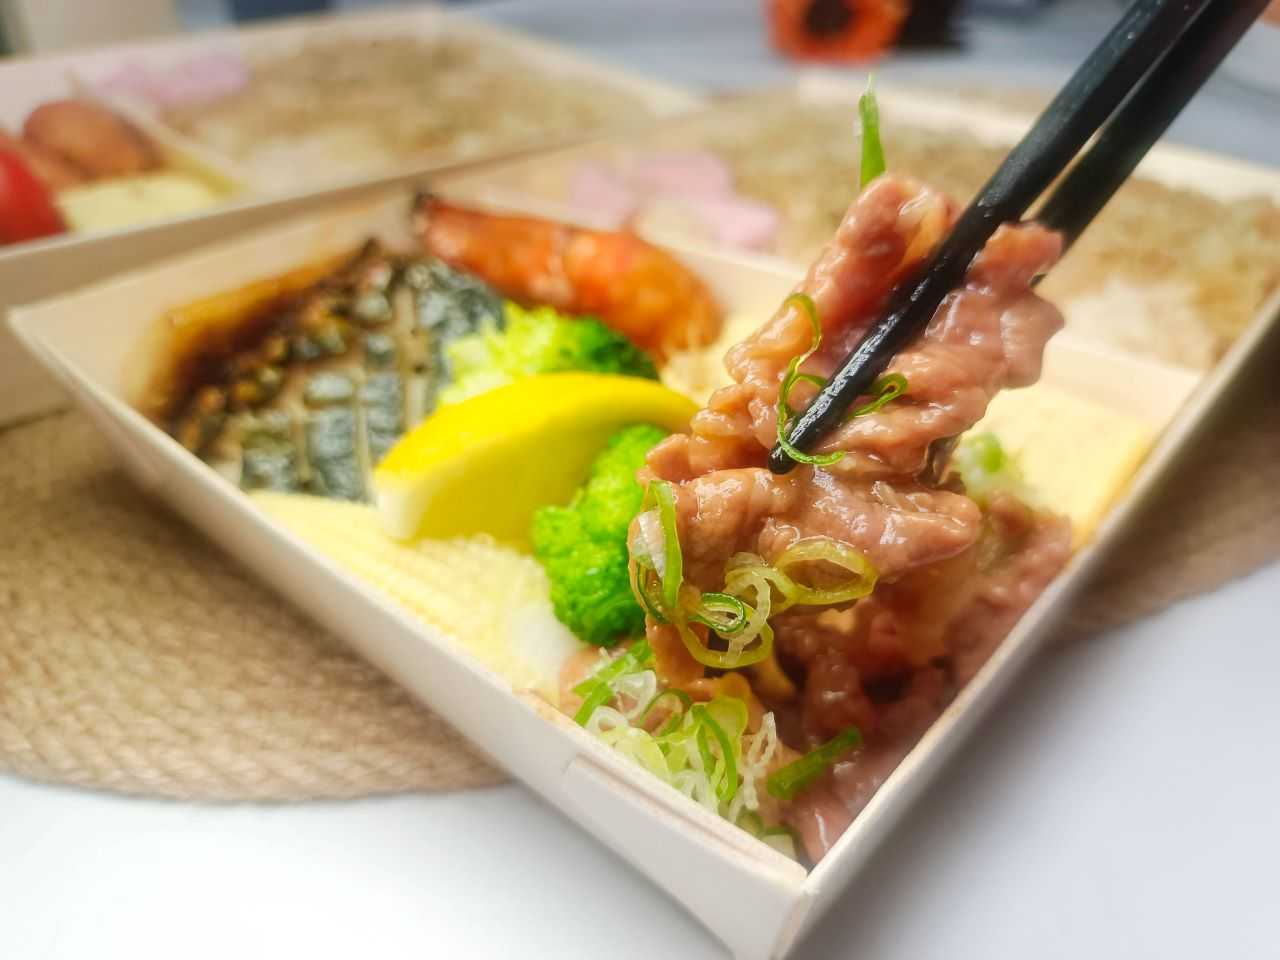 (台北美食)結合特色的原住民食材,不一樣的日式炭火便當讓你口口滿足-和蒔炭火割烹 @Nancy將的生活筆計本